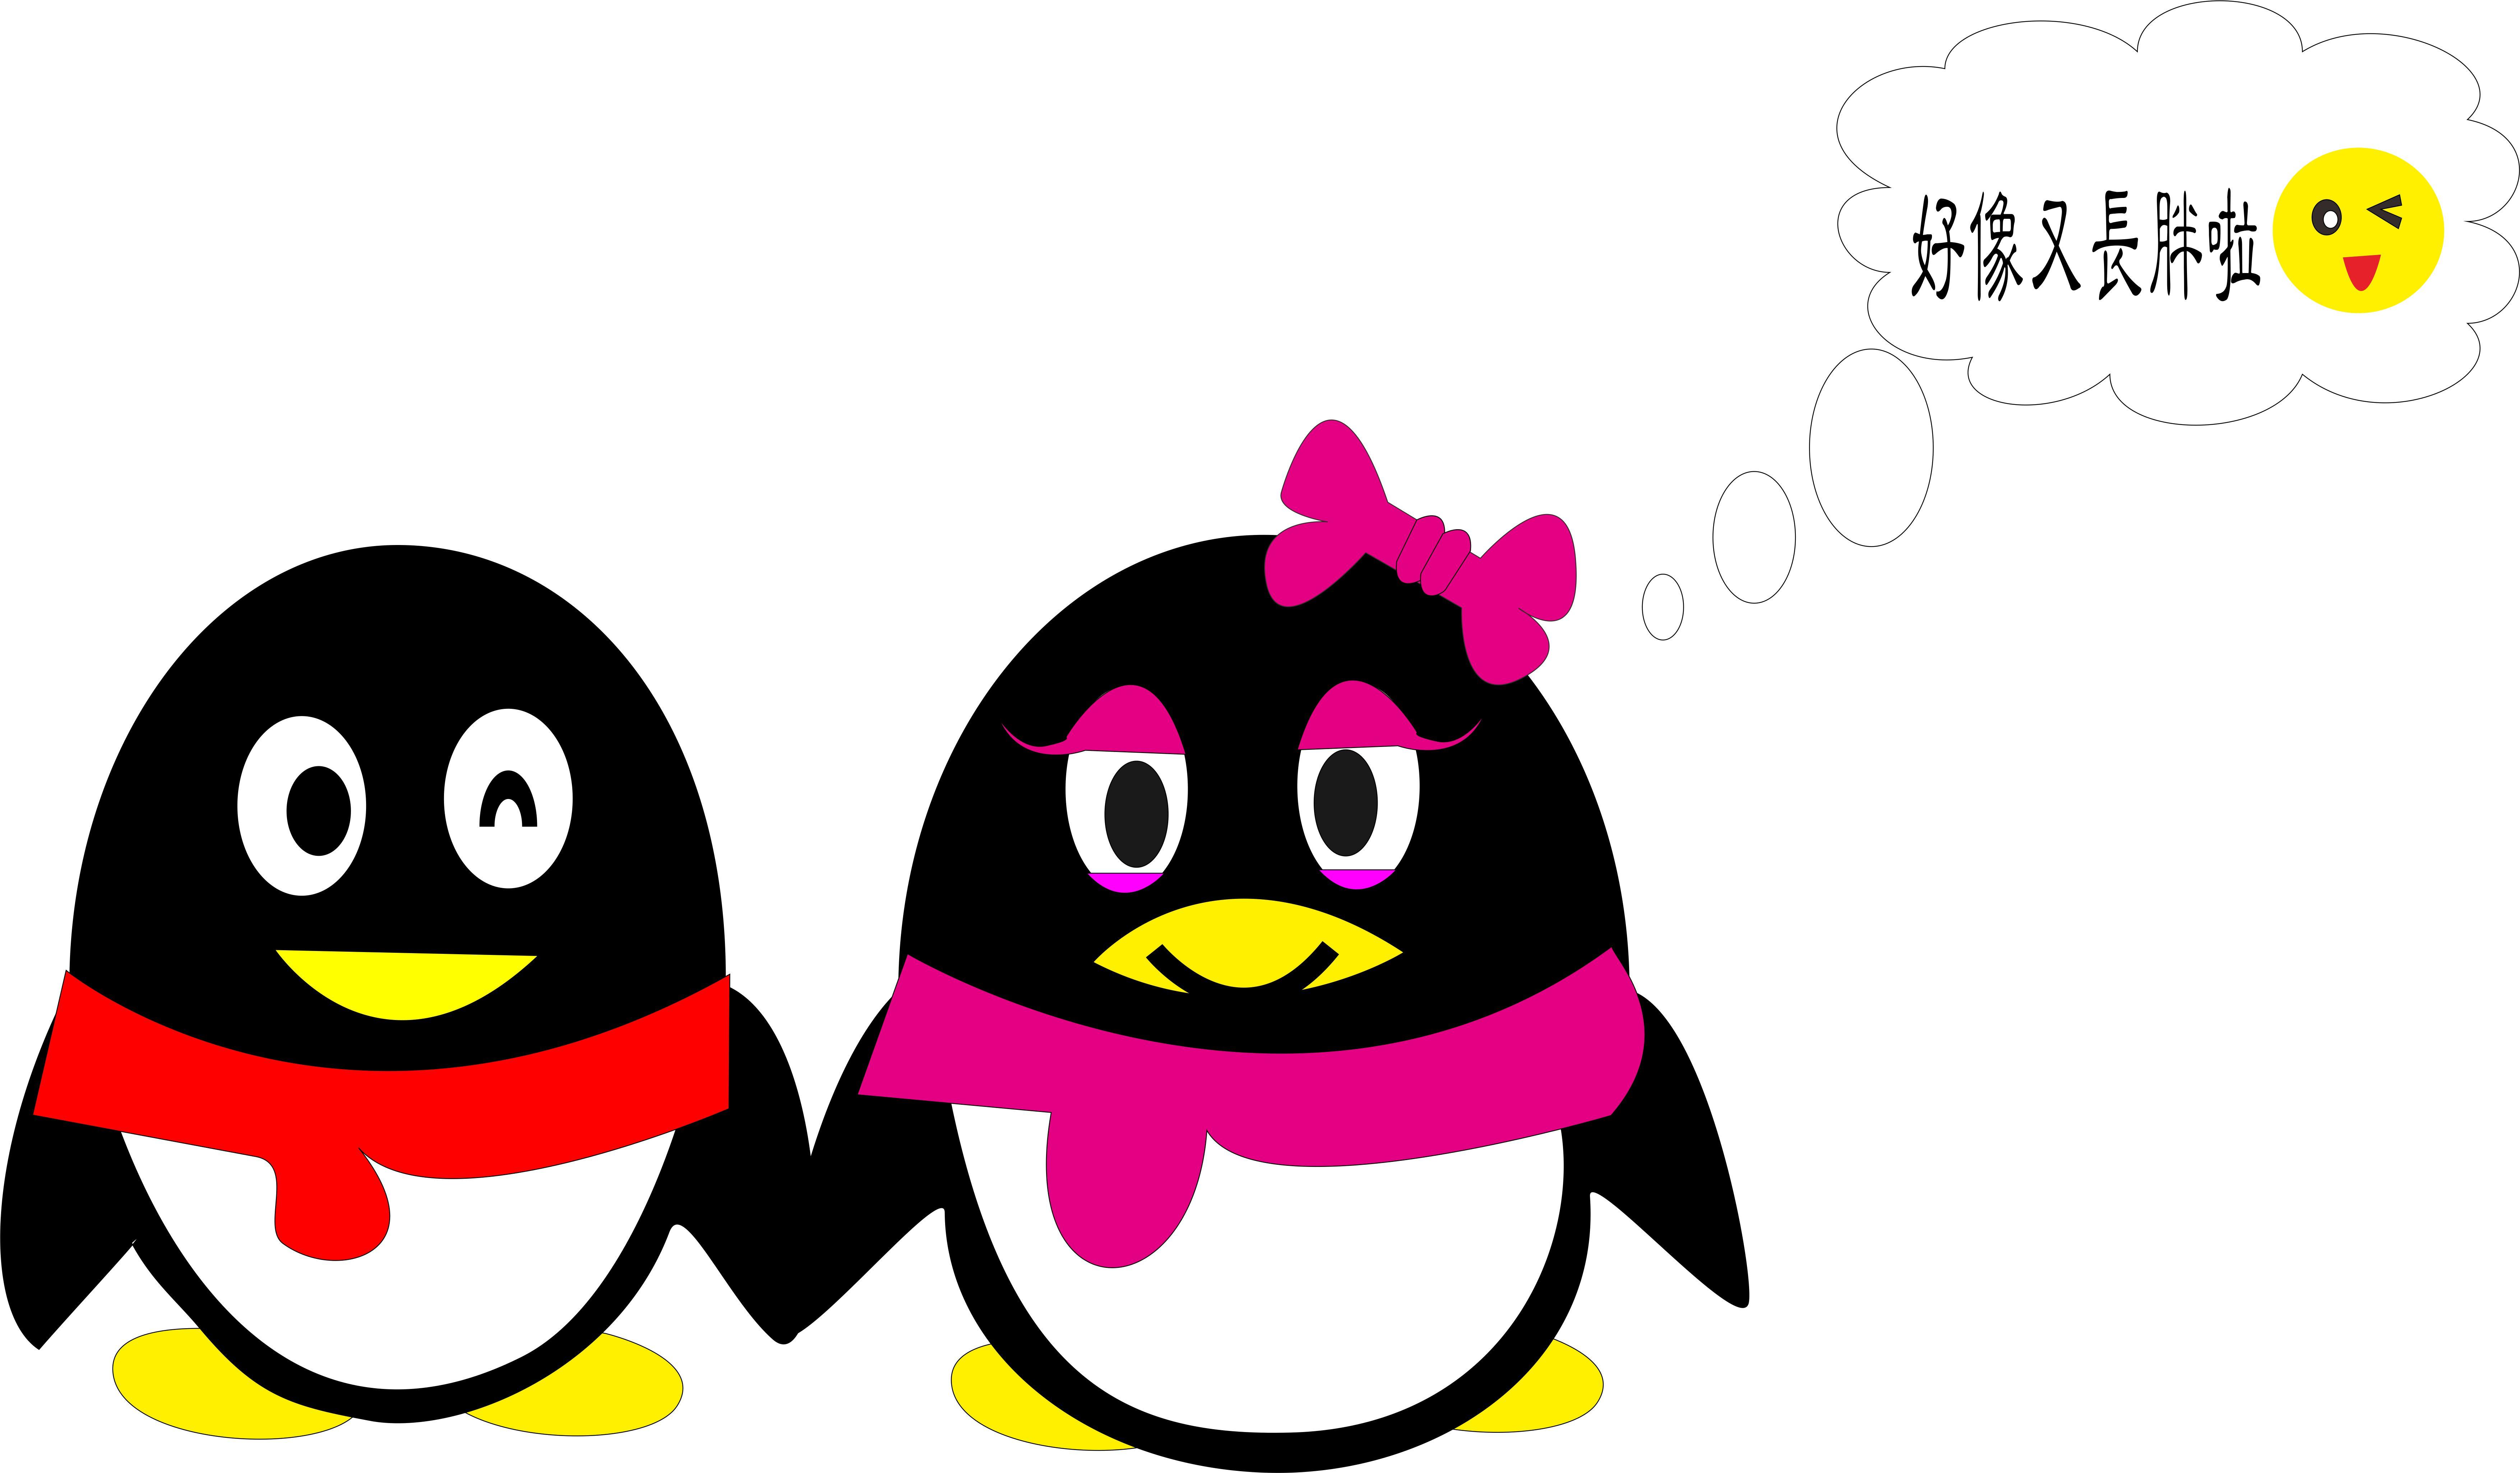 两只可爱qq企鹅